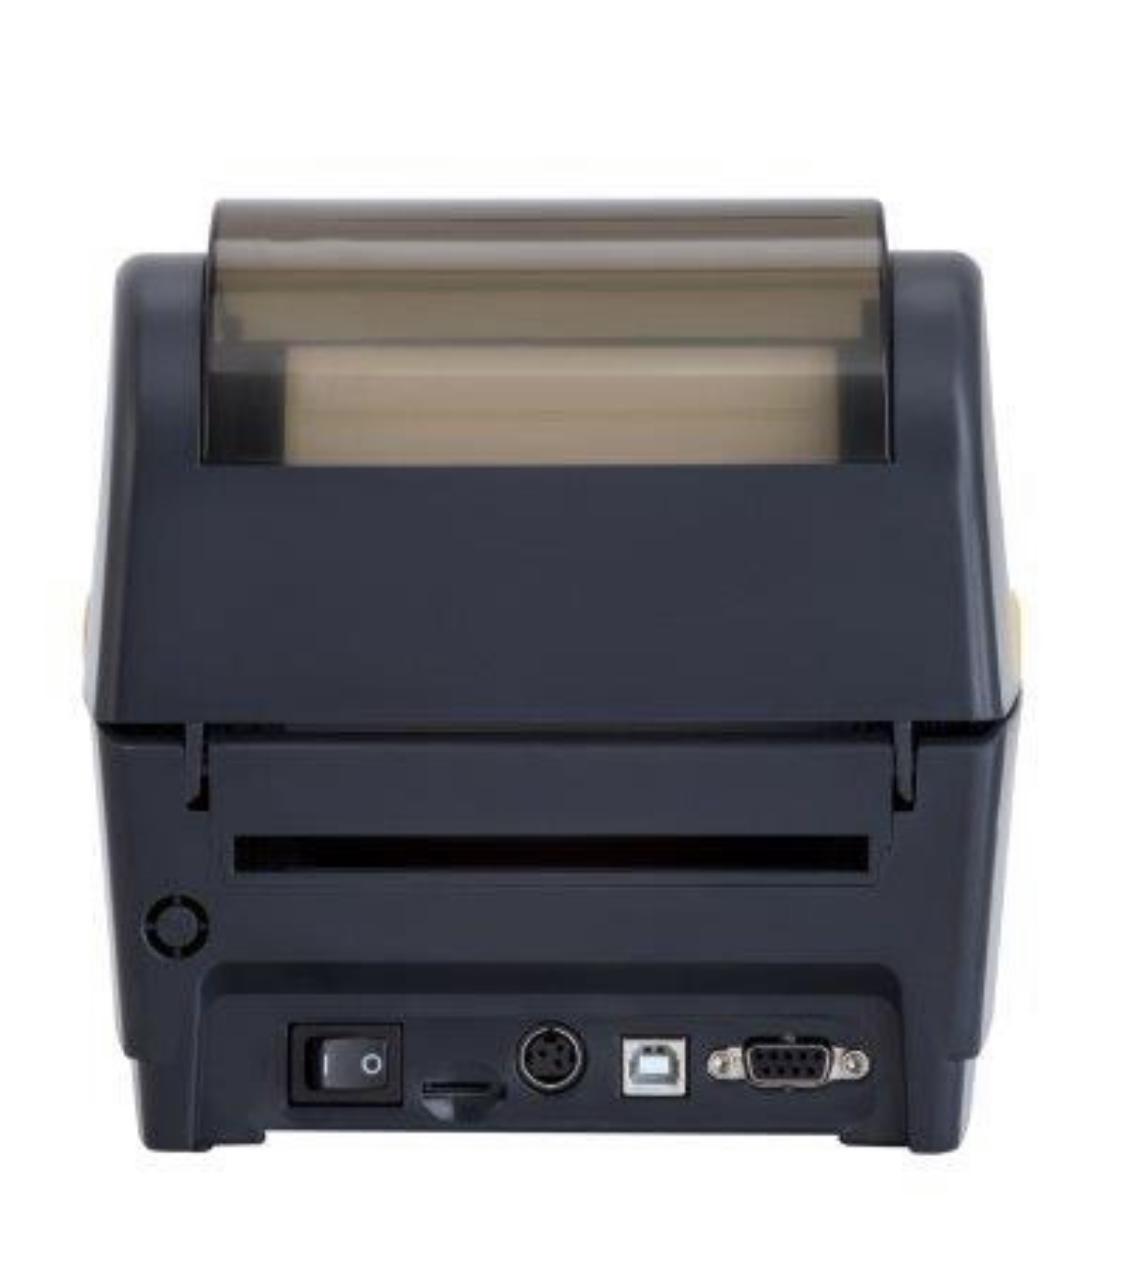 Impressora De Etiquetas Termica L42dt * Super Oferta